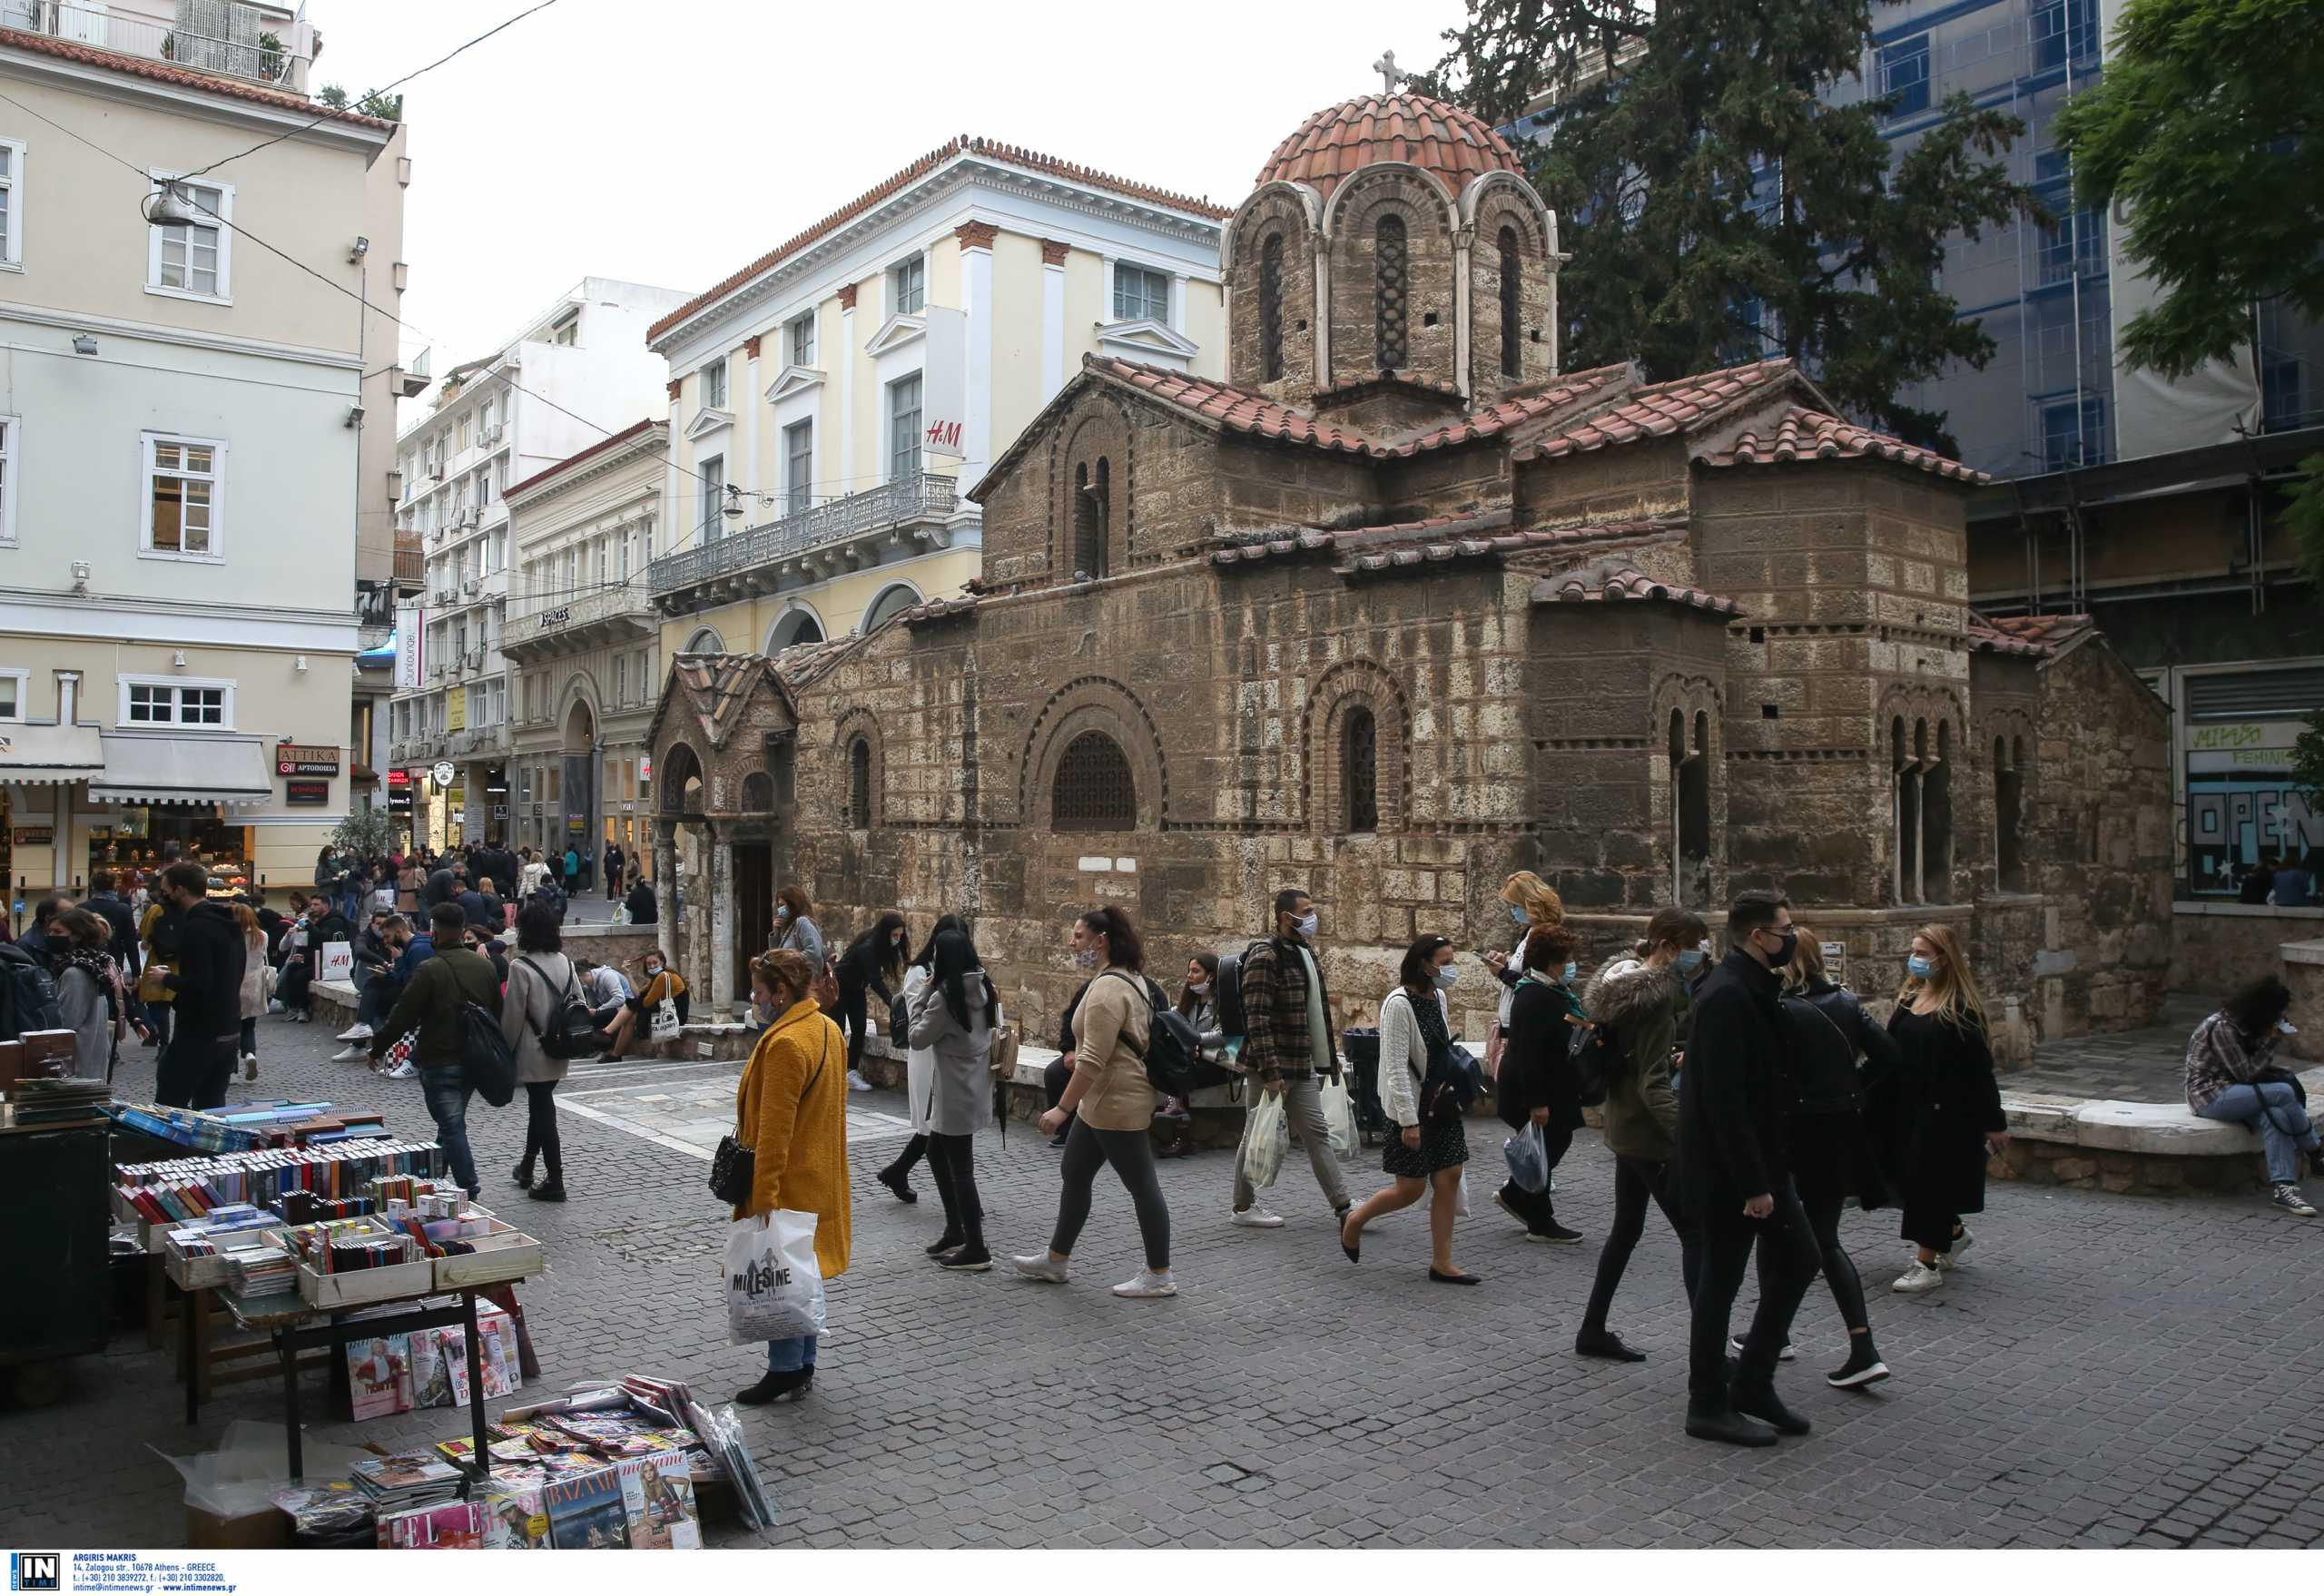 Αττική: «Κόλαση» το κέντρο της Αθήνας – Πού εντοπίστηκαν τα 652 νέα κρούσματα κορονοϊού